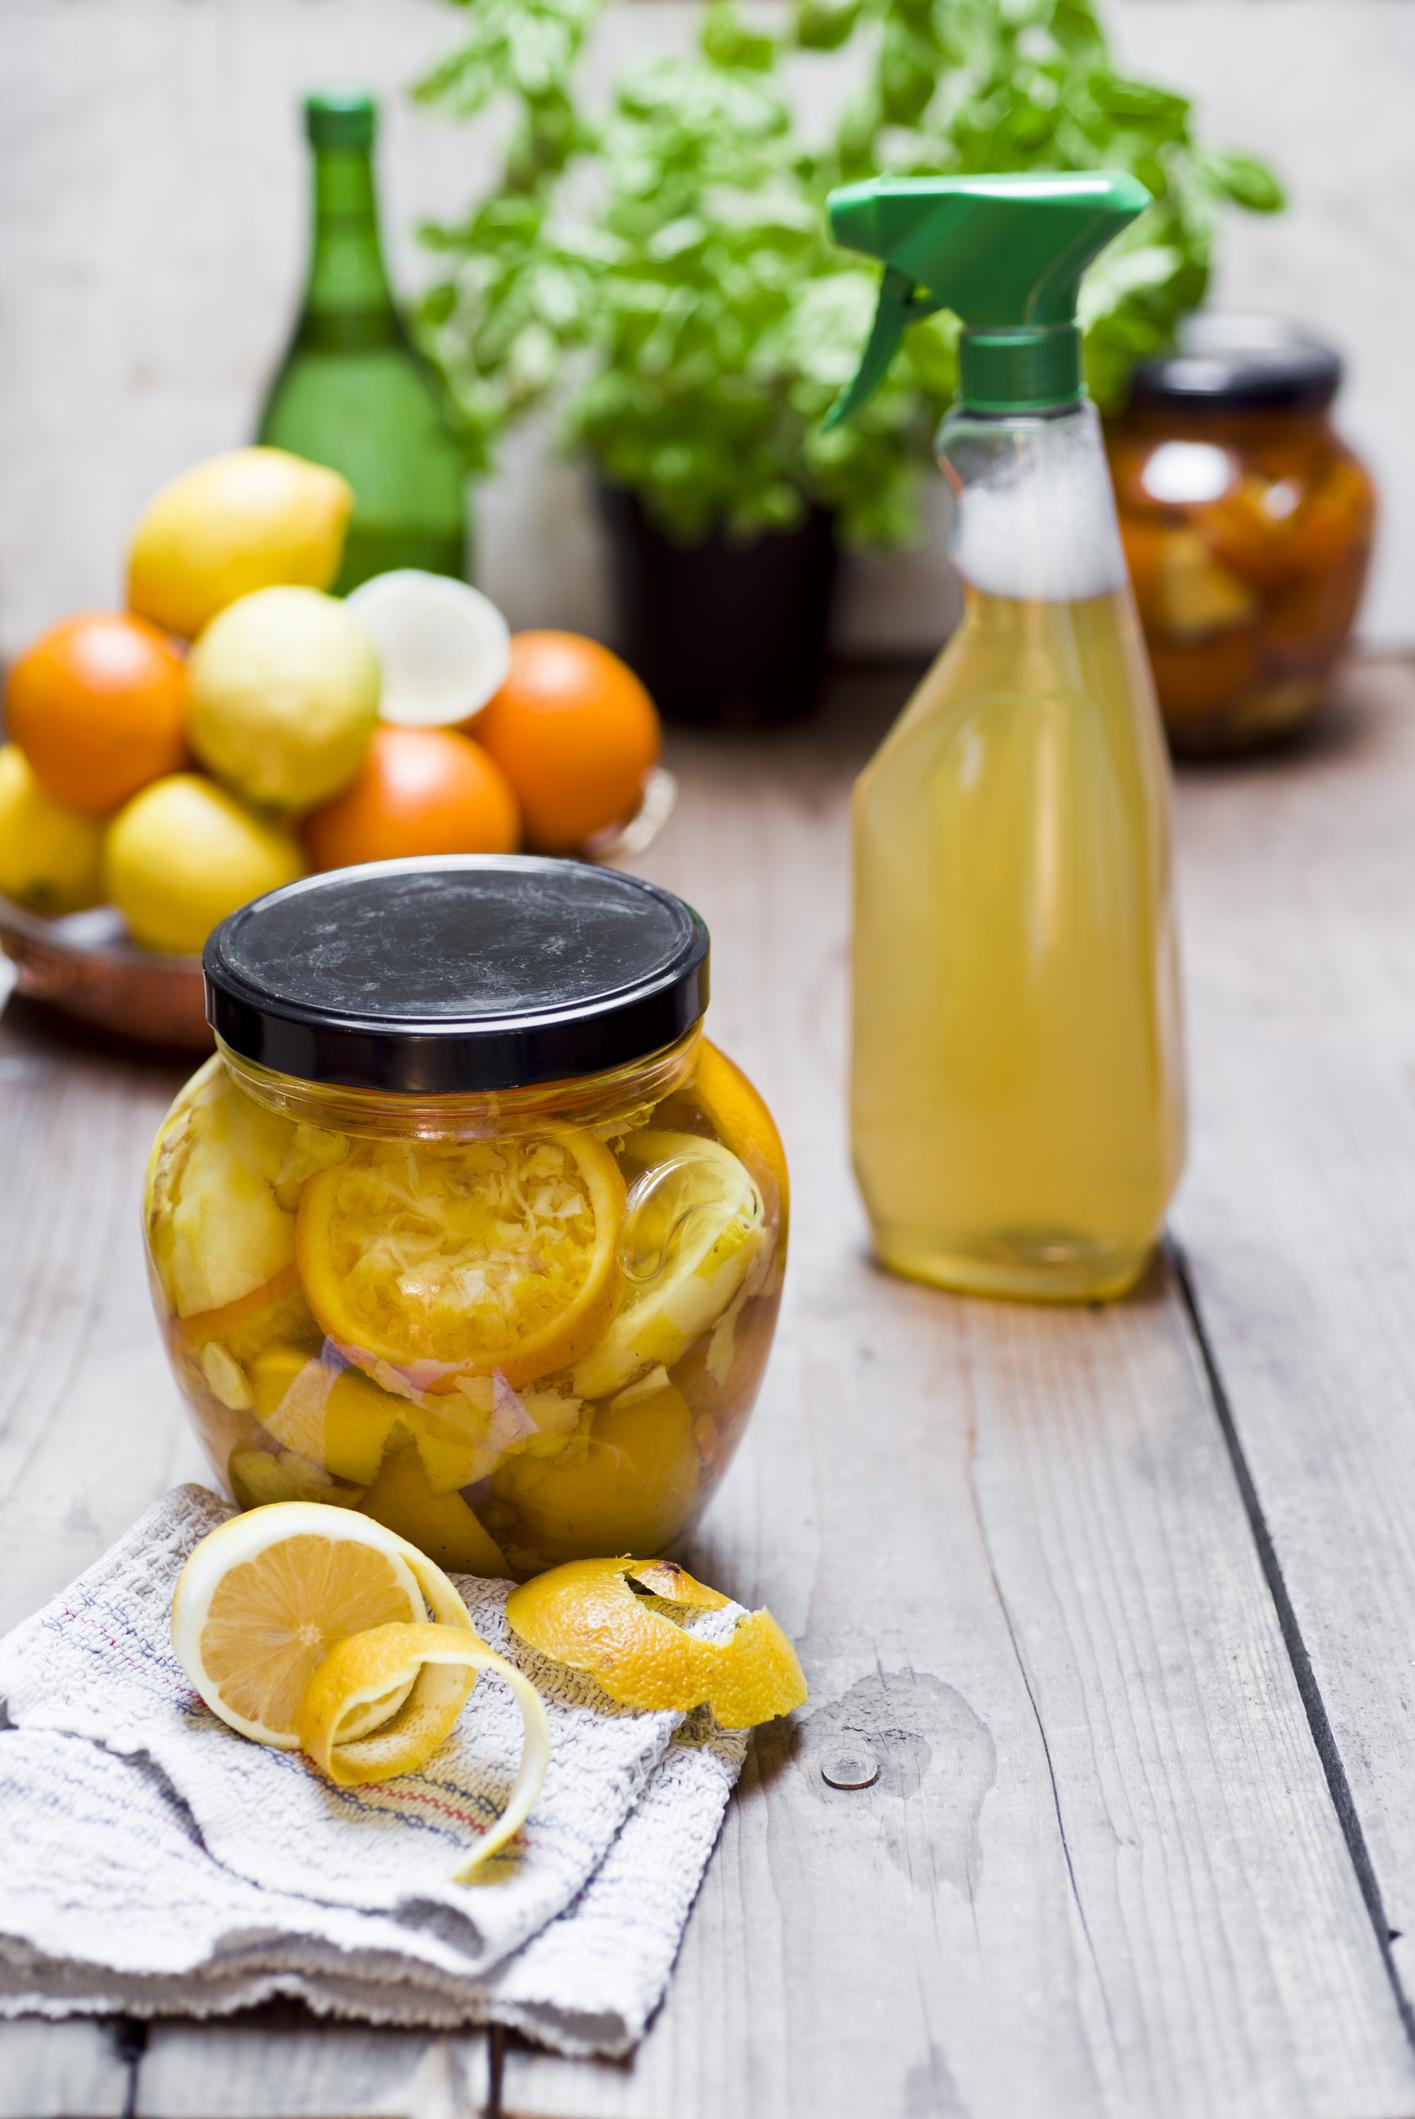 citrom-oko-tisztitoszer